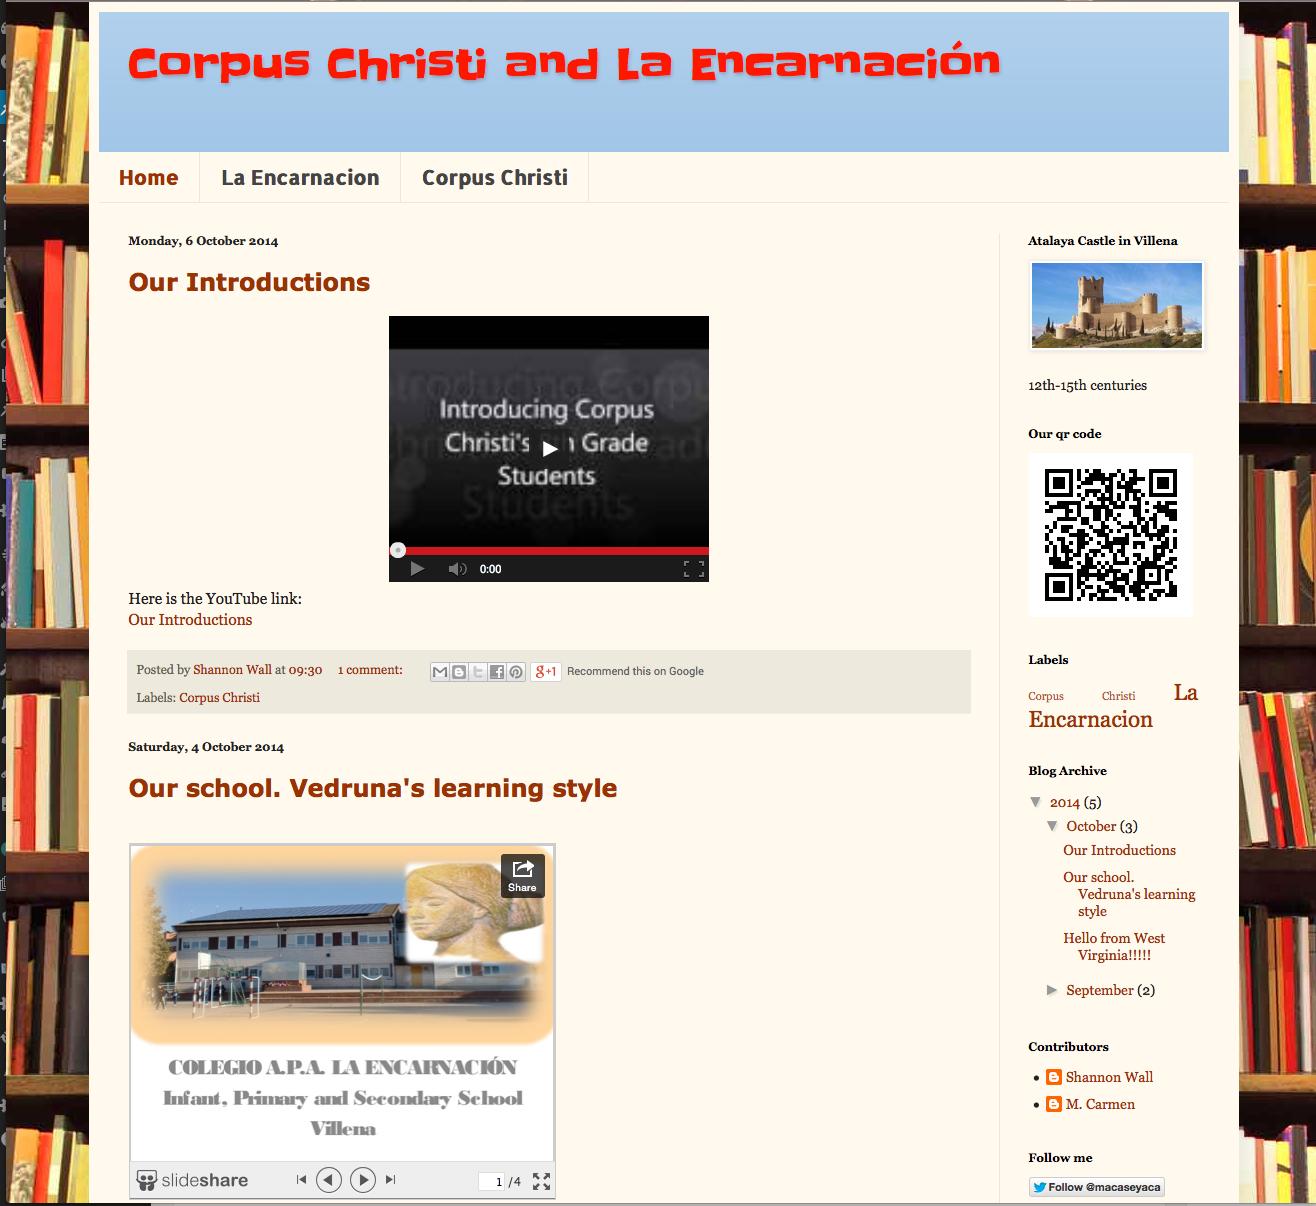 Corpus Christi and La Encarnación